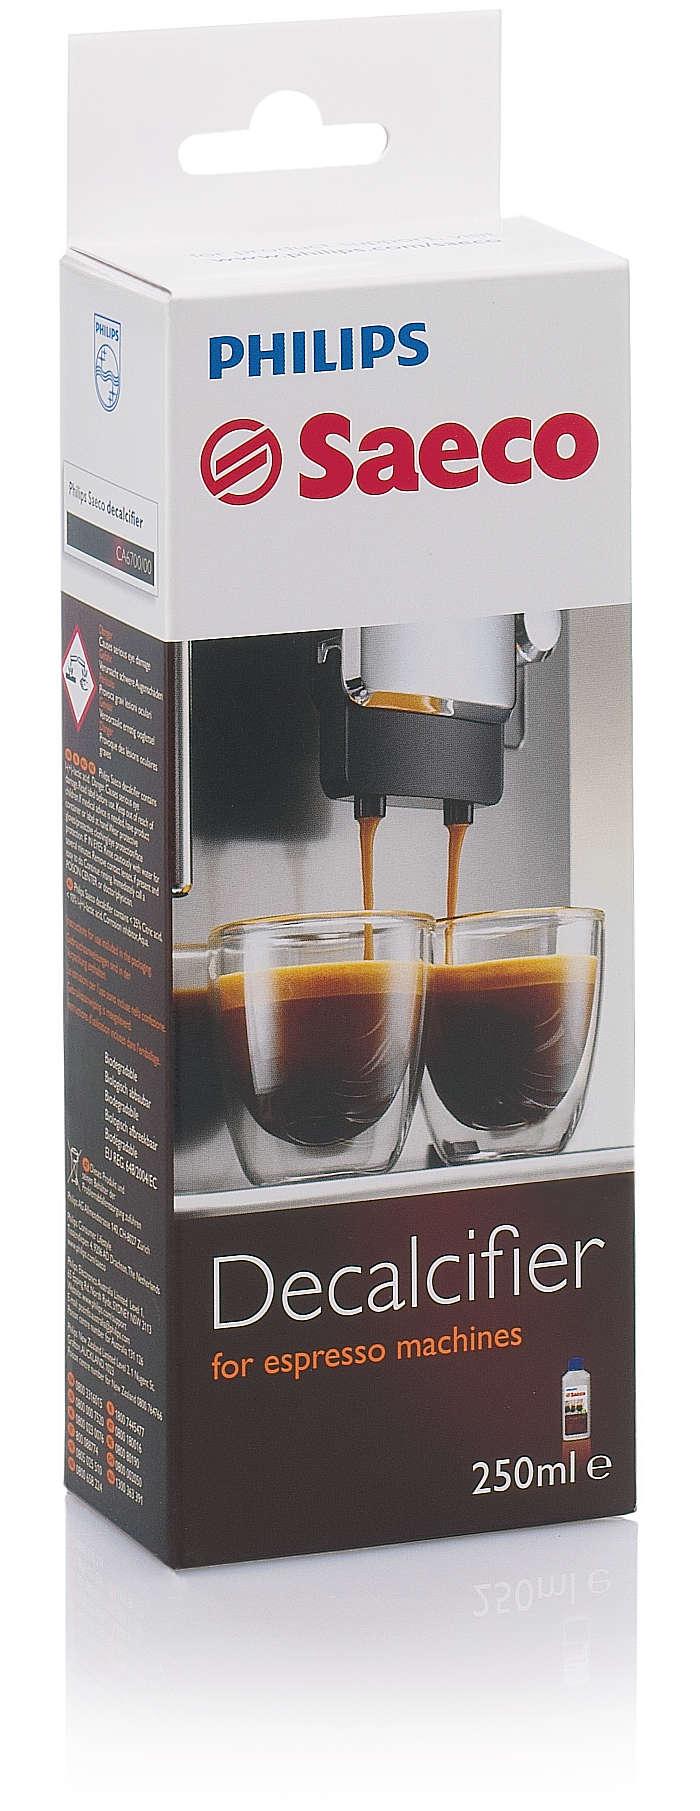 Une protection parfaite de votre machine à espresso